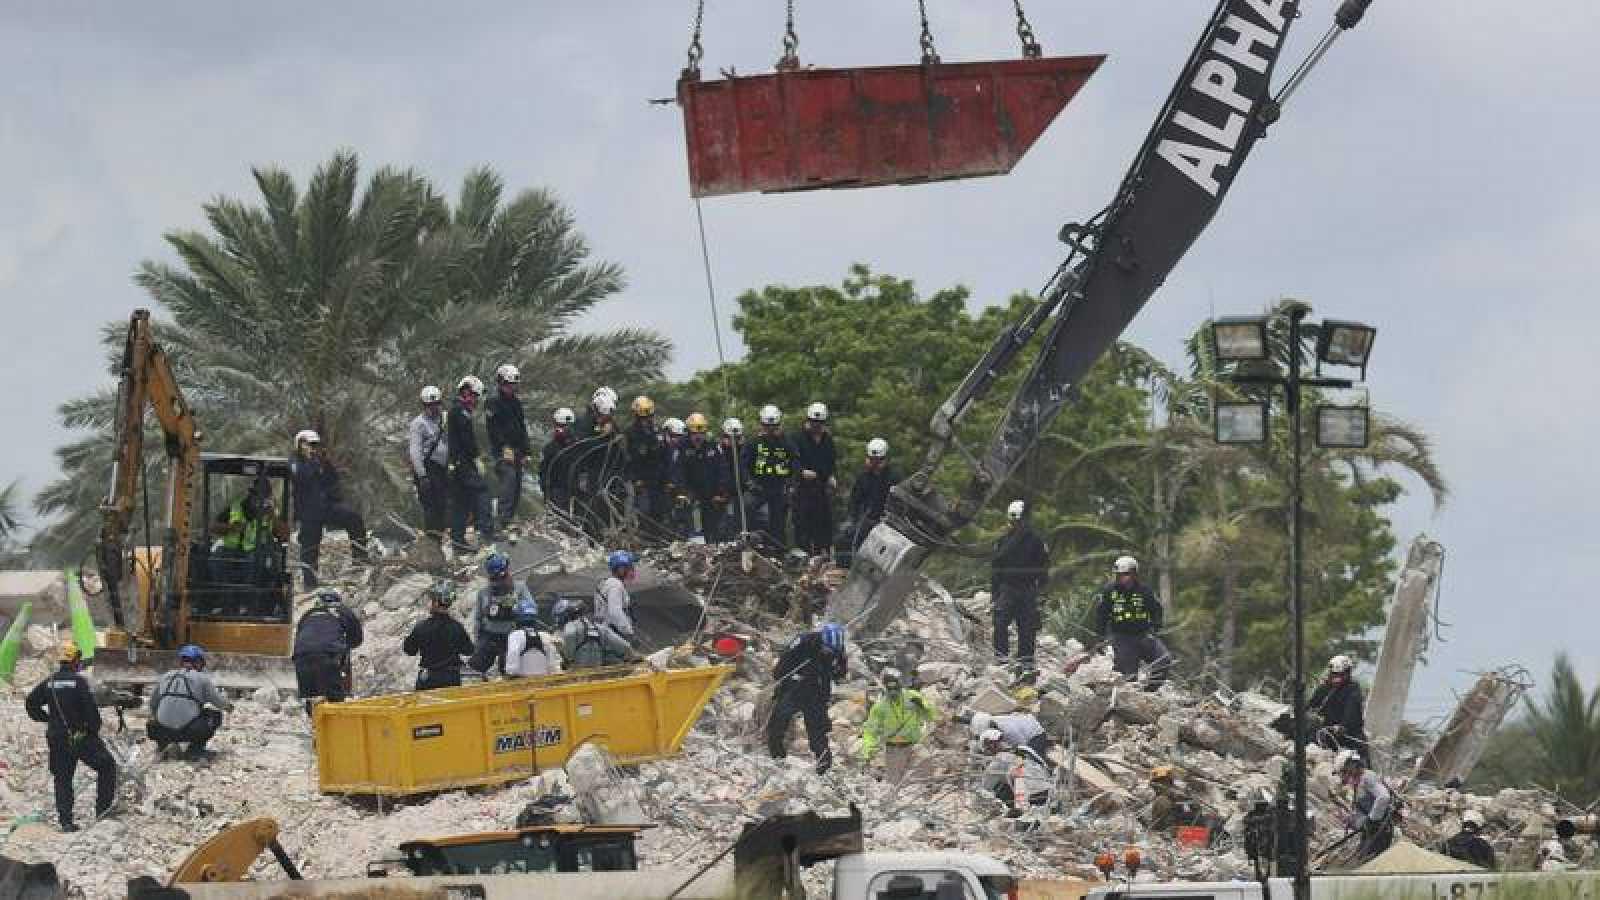 Las labores de rescate continúan después de la demolición controlada del edificio